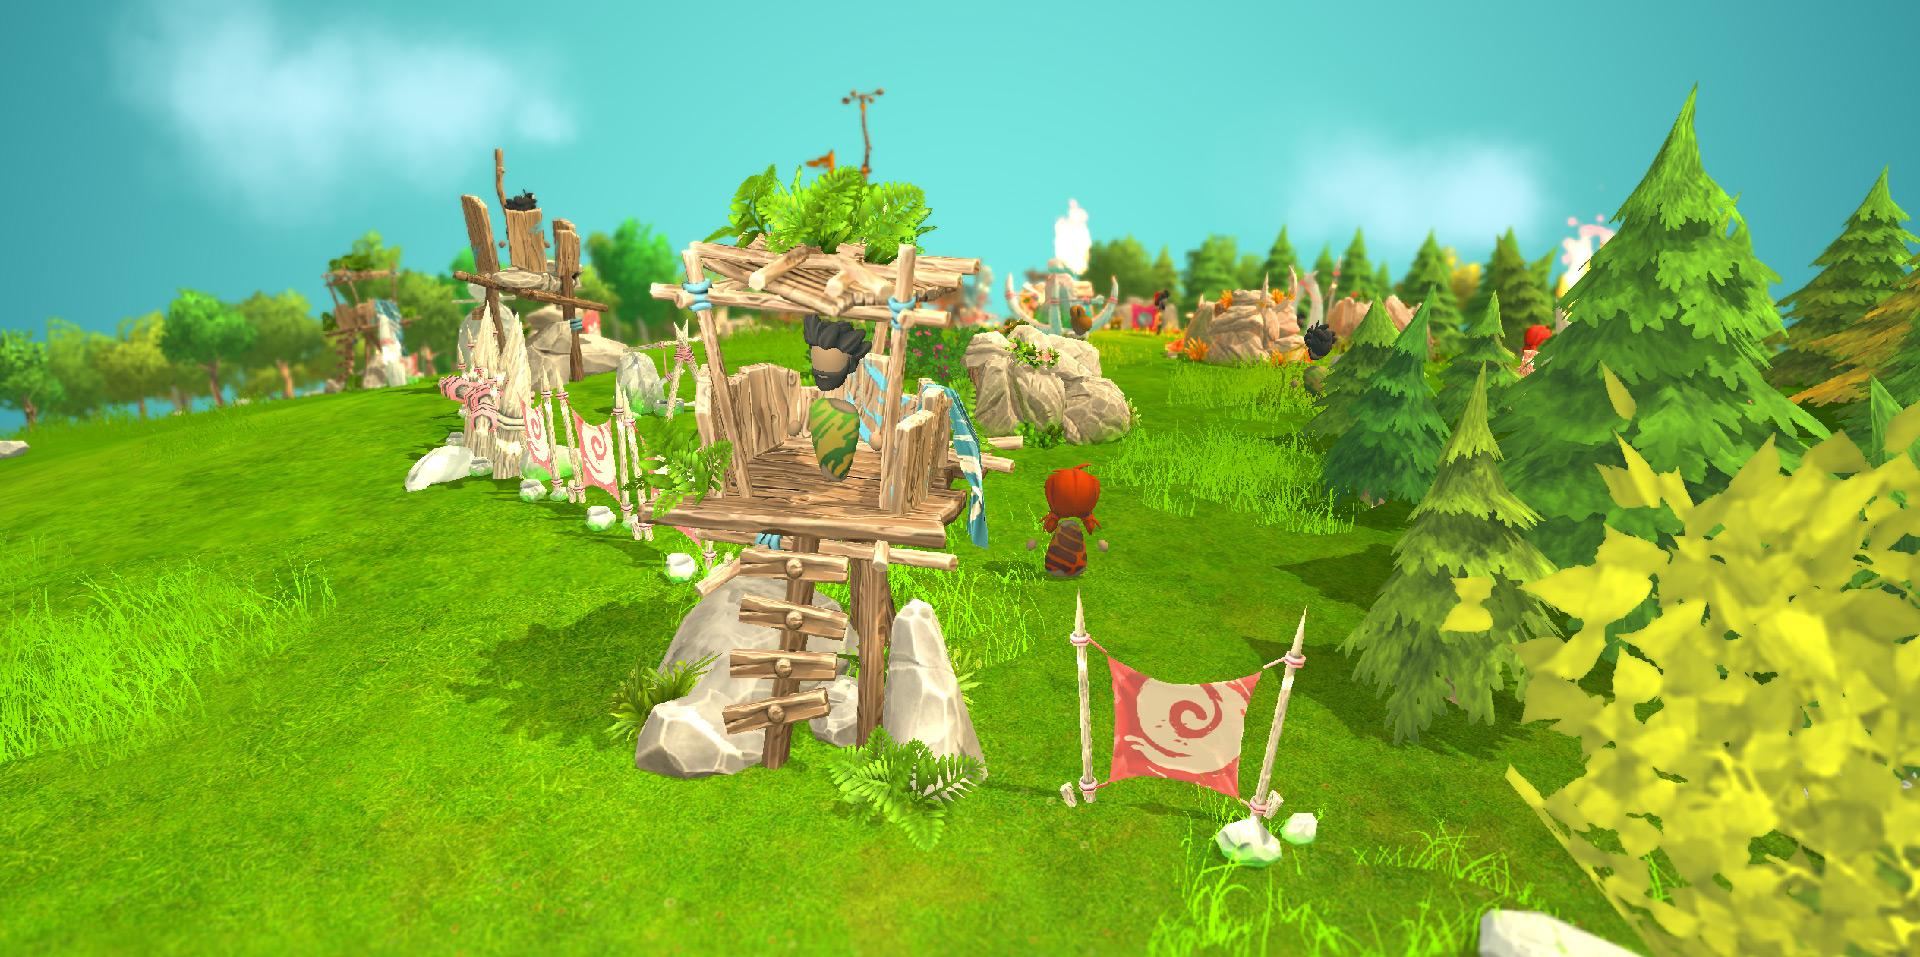 Village-6.jpg